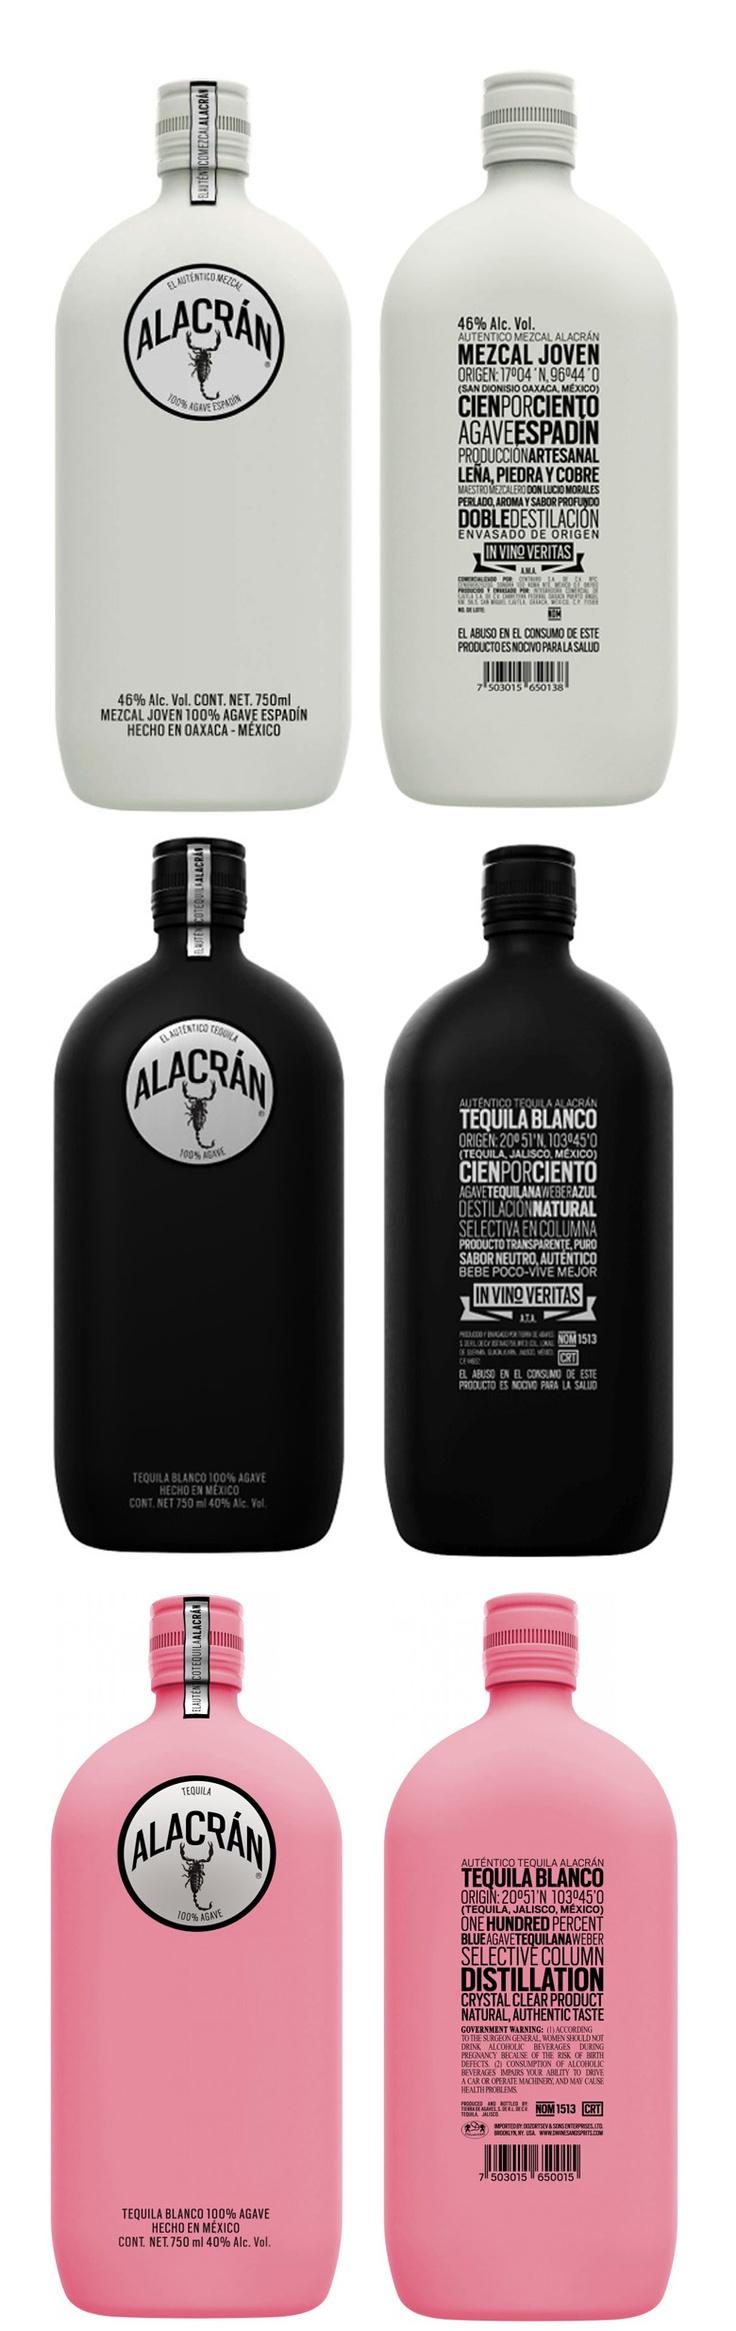 Tequila Alacrán- Diseño Mexicano